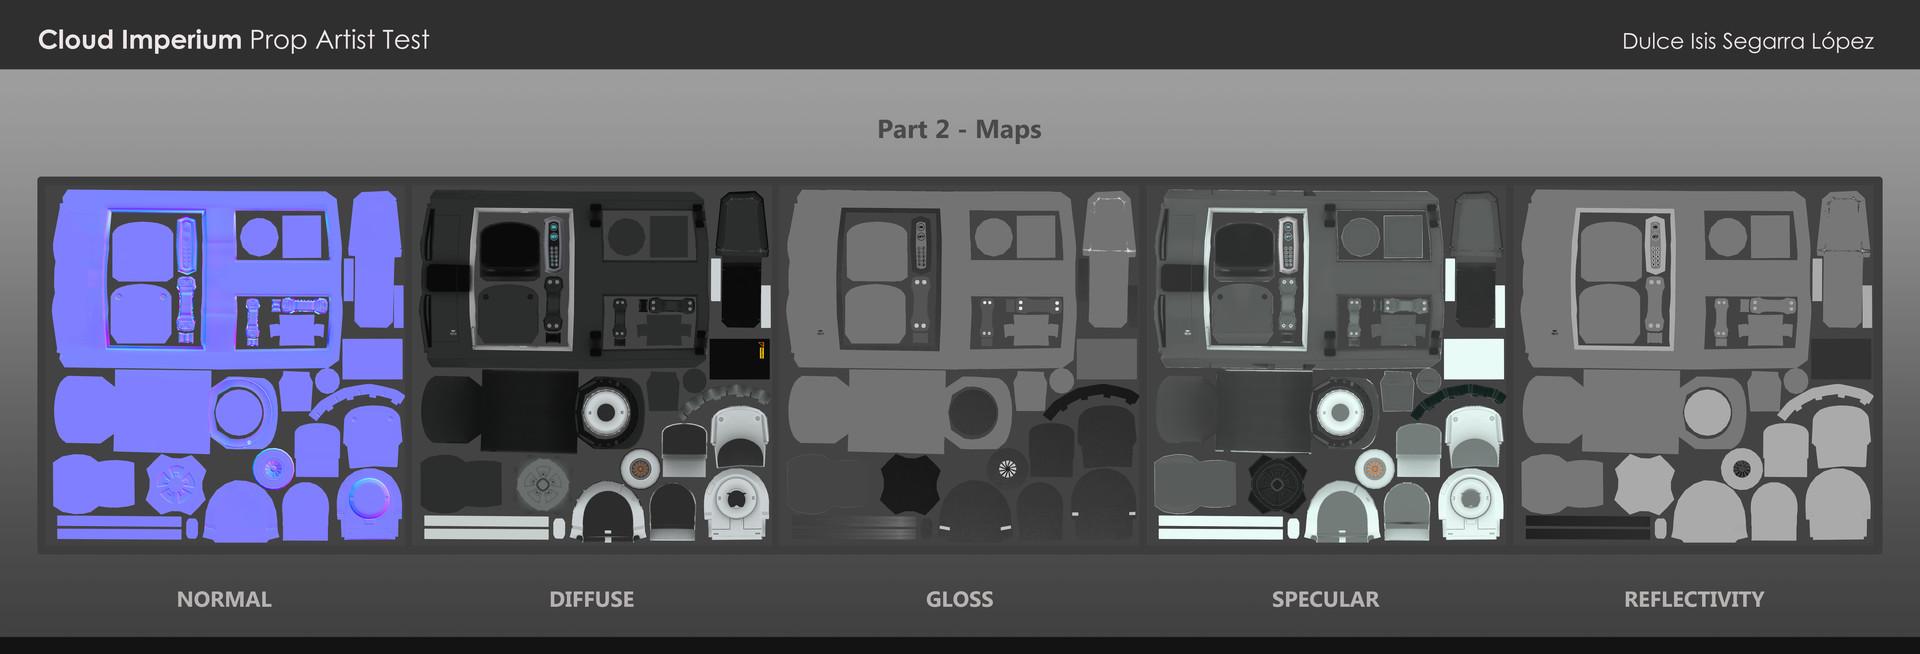 Dulce isis segarra lopez 09 part2 maps